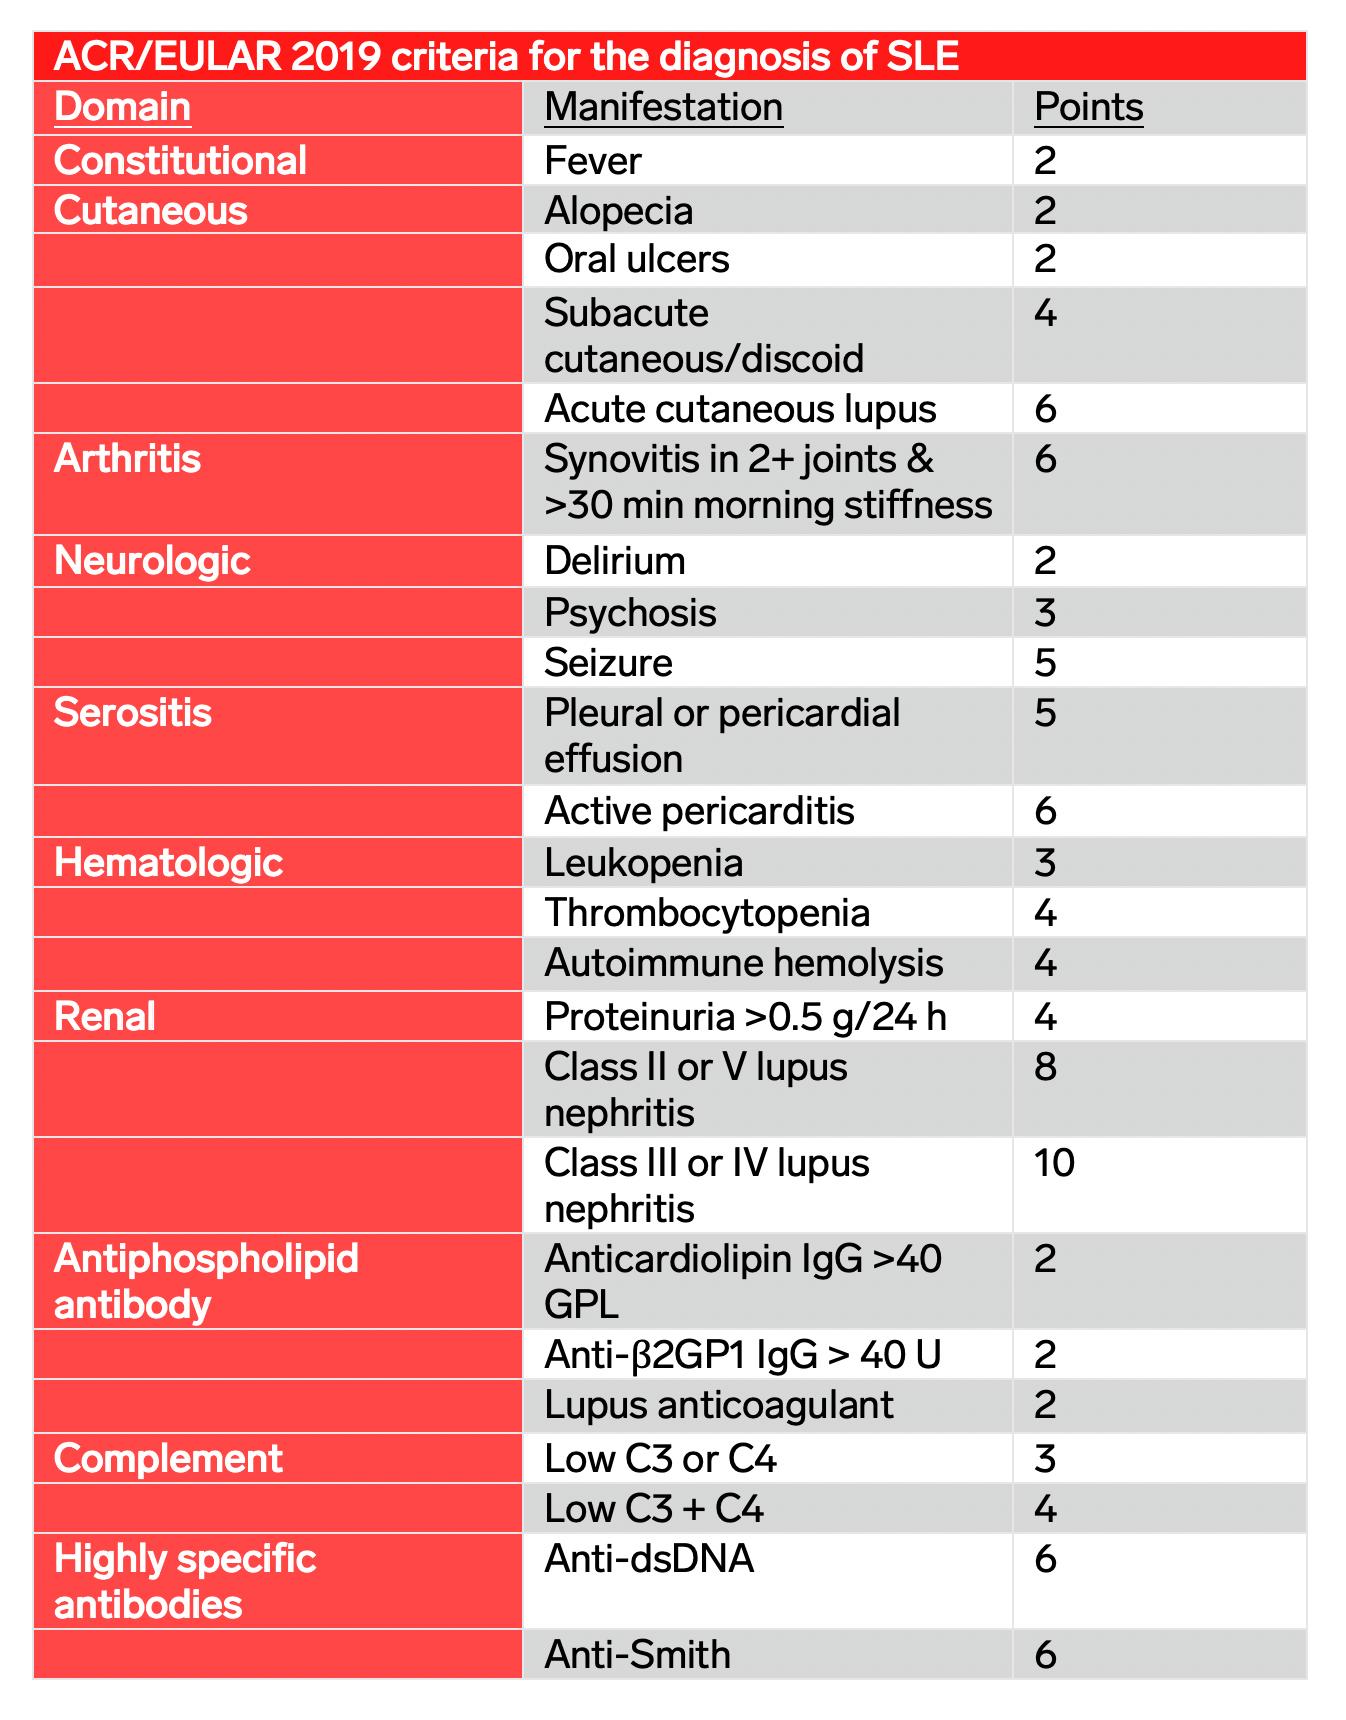 Systemic Lupus Erythematosus, SLE, ACR/EULAR criteria